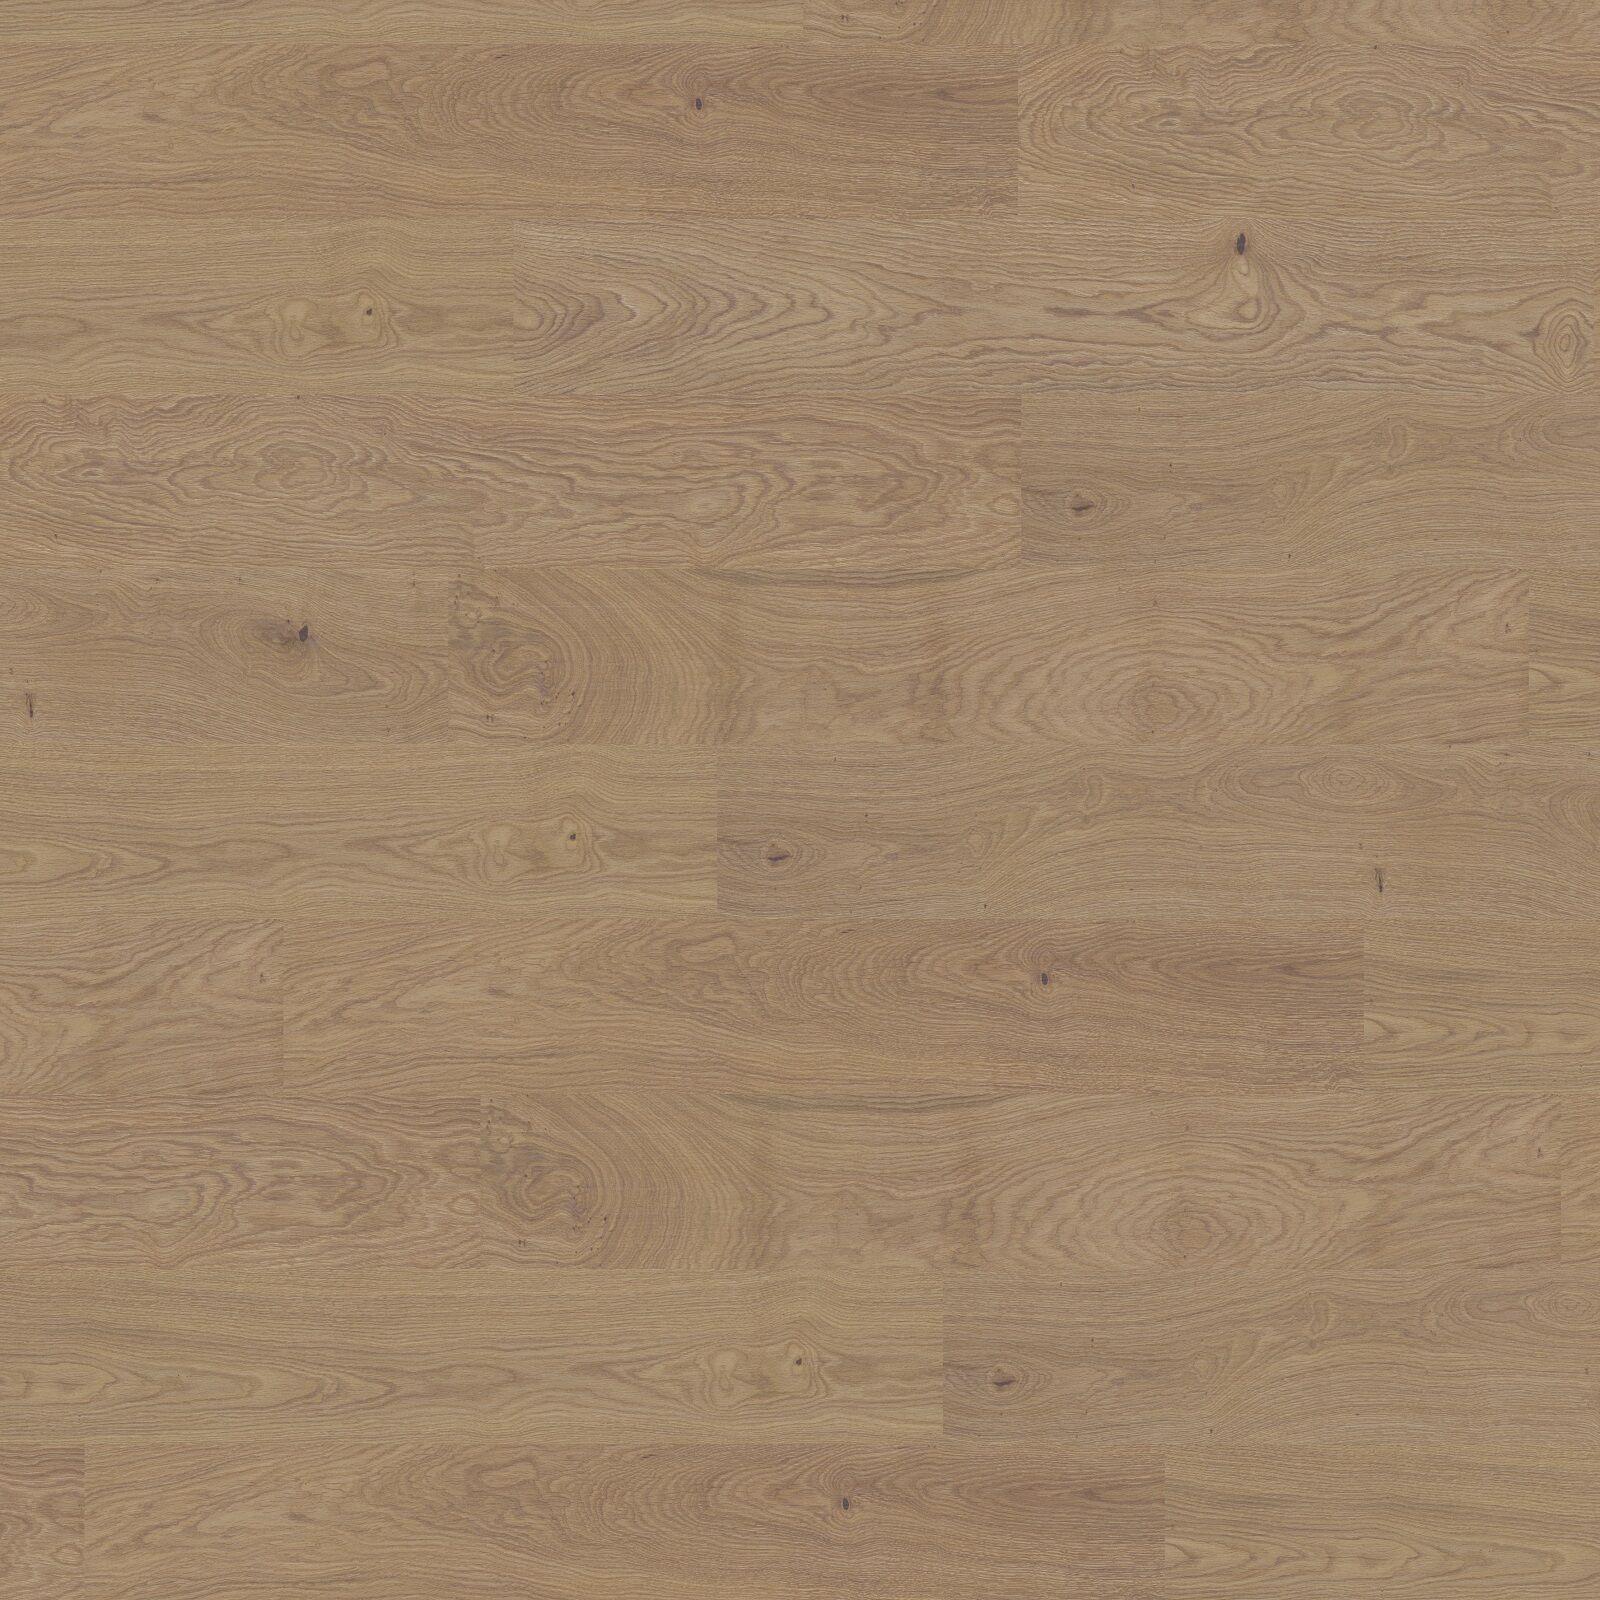 1 Paket (2,53m²) 4 mm Grün Earth - Eiche Havel Klebefliesen (  m²)